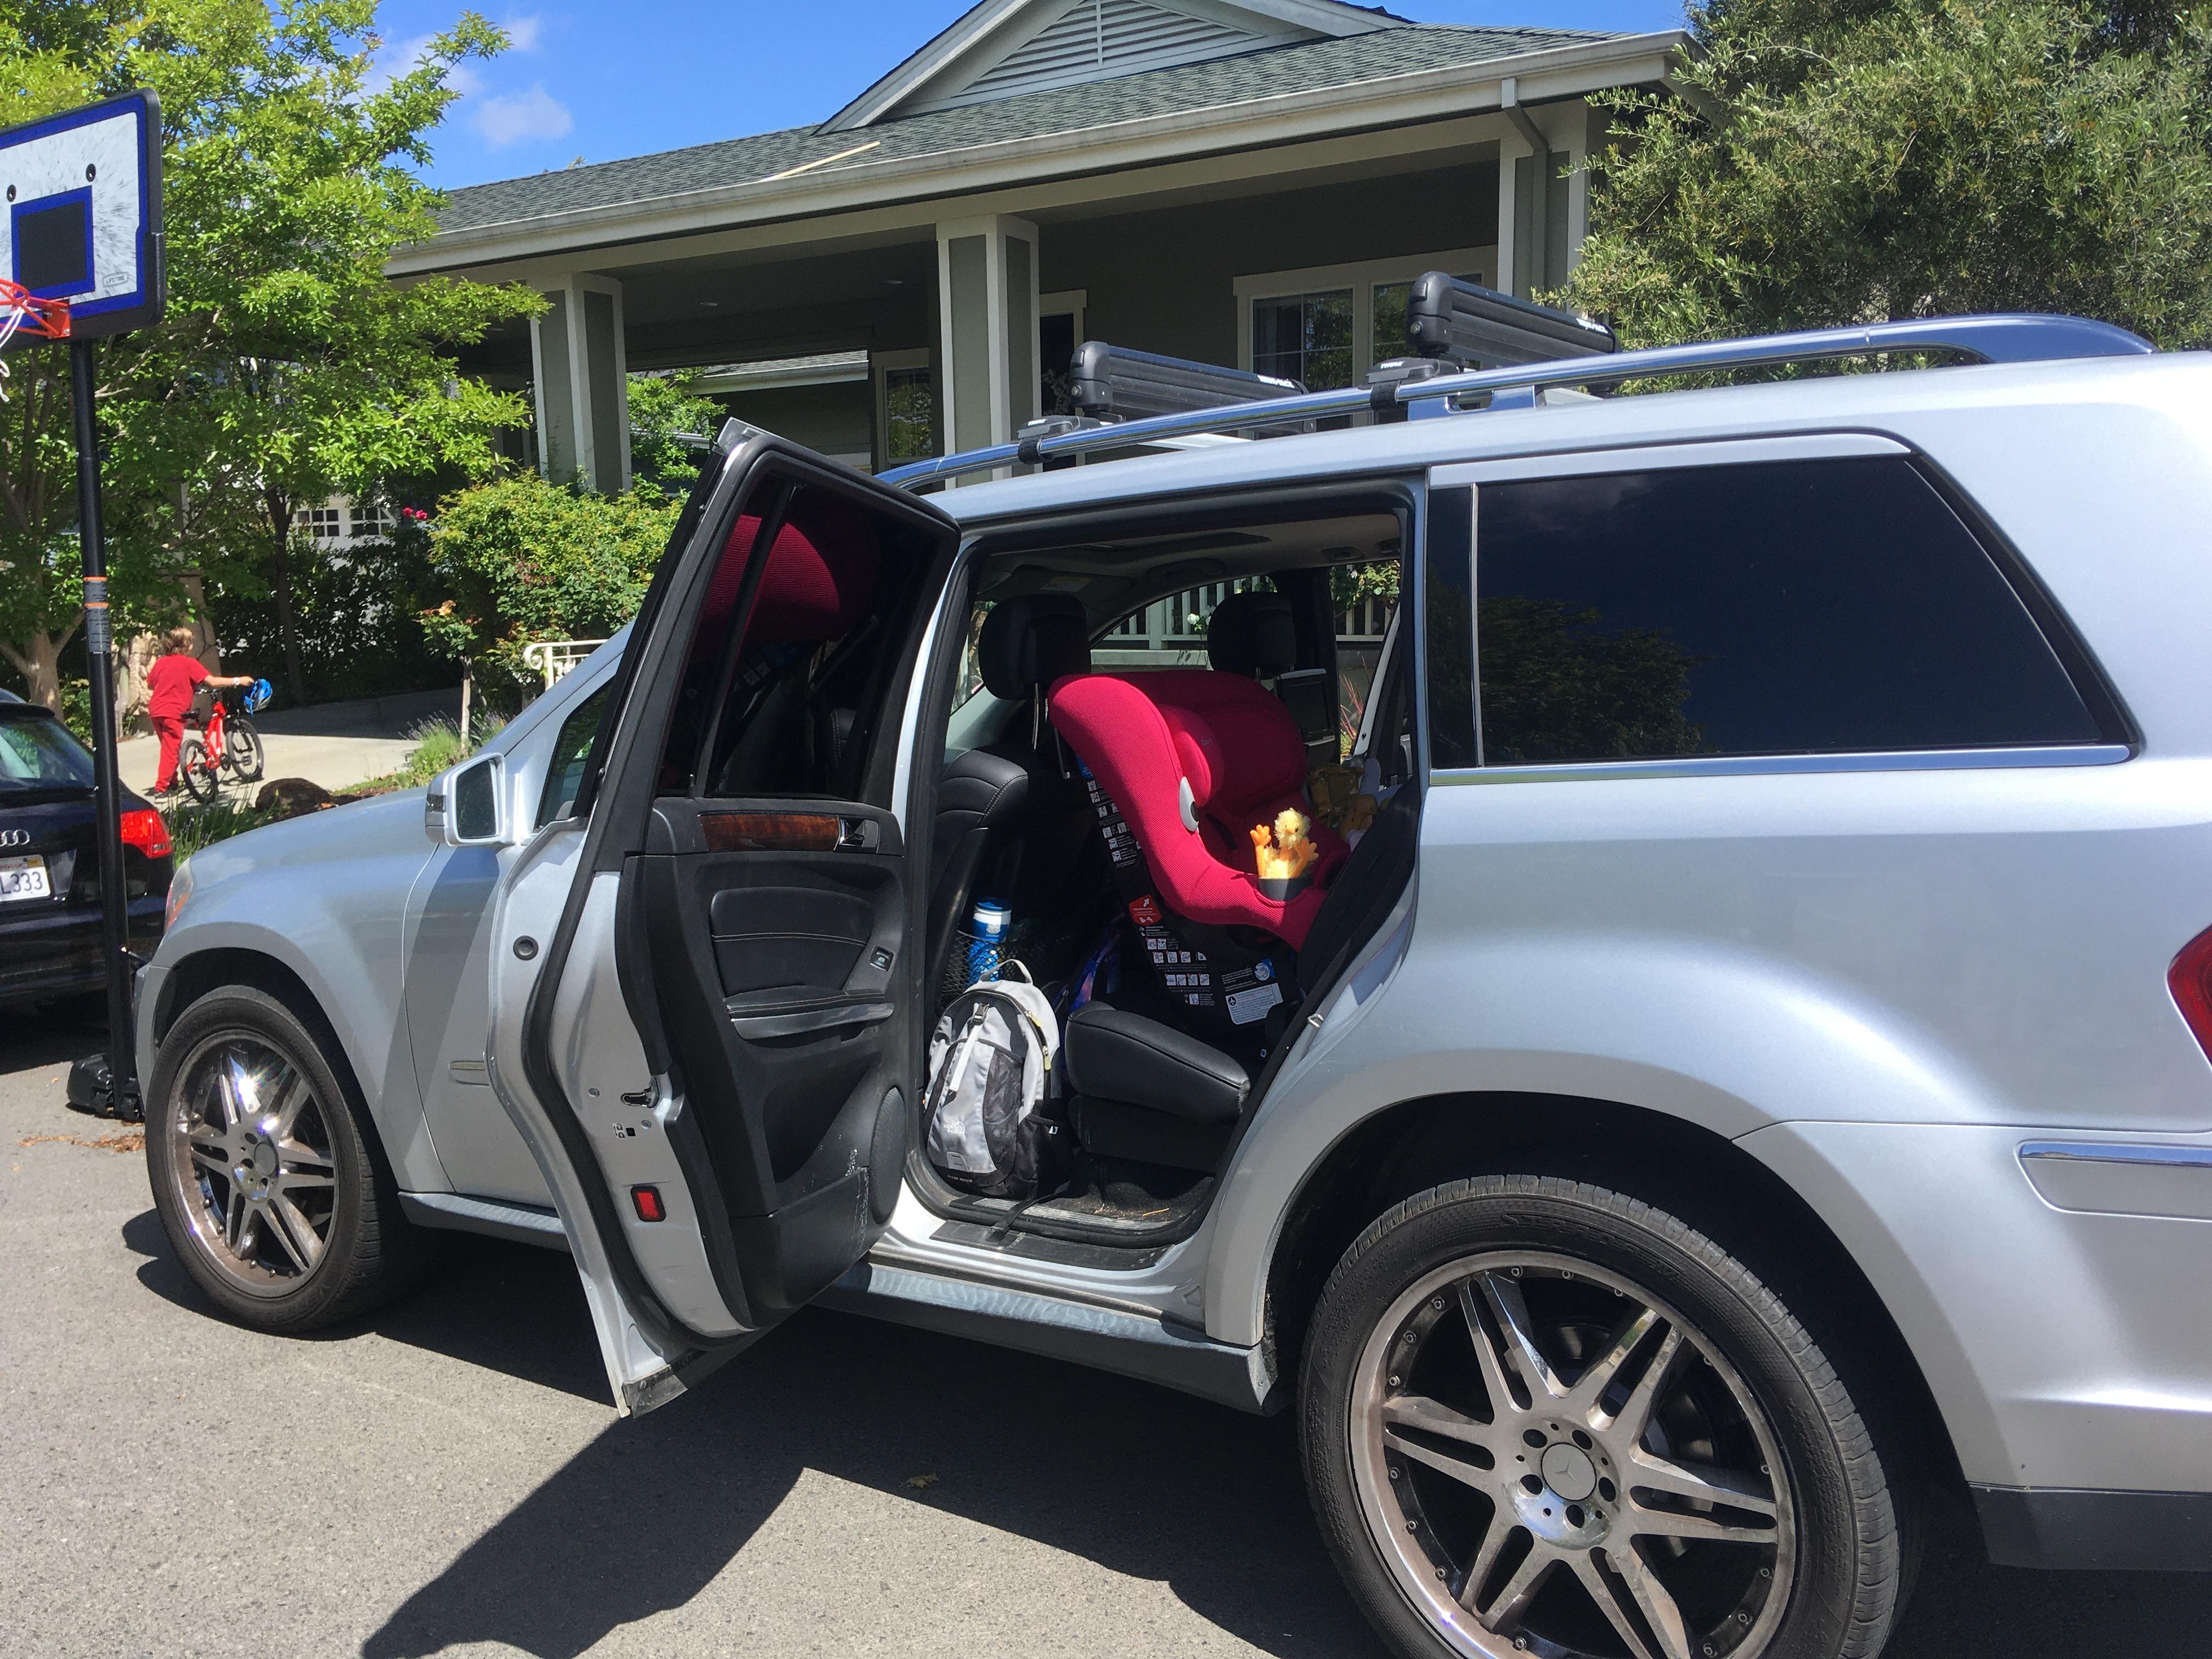 Mary's Family Car